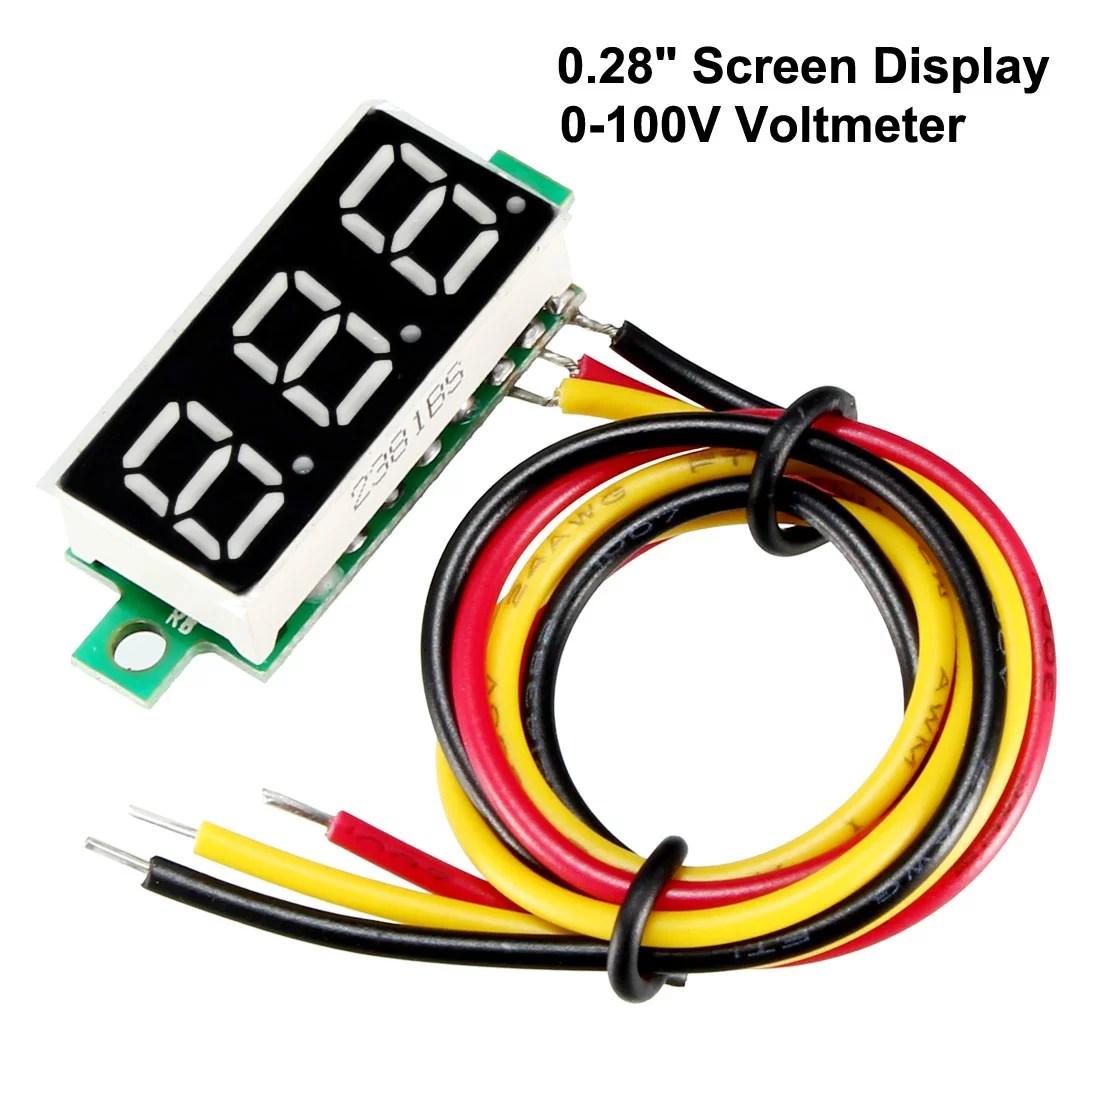 hight resolution of dc 8v 3a transparent voltmeter voltage panel meter tester plug in type